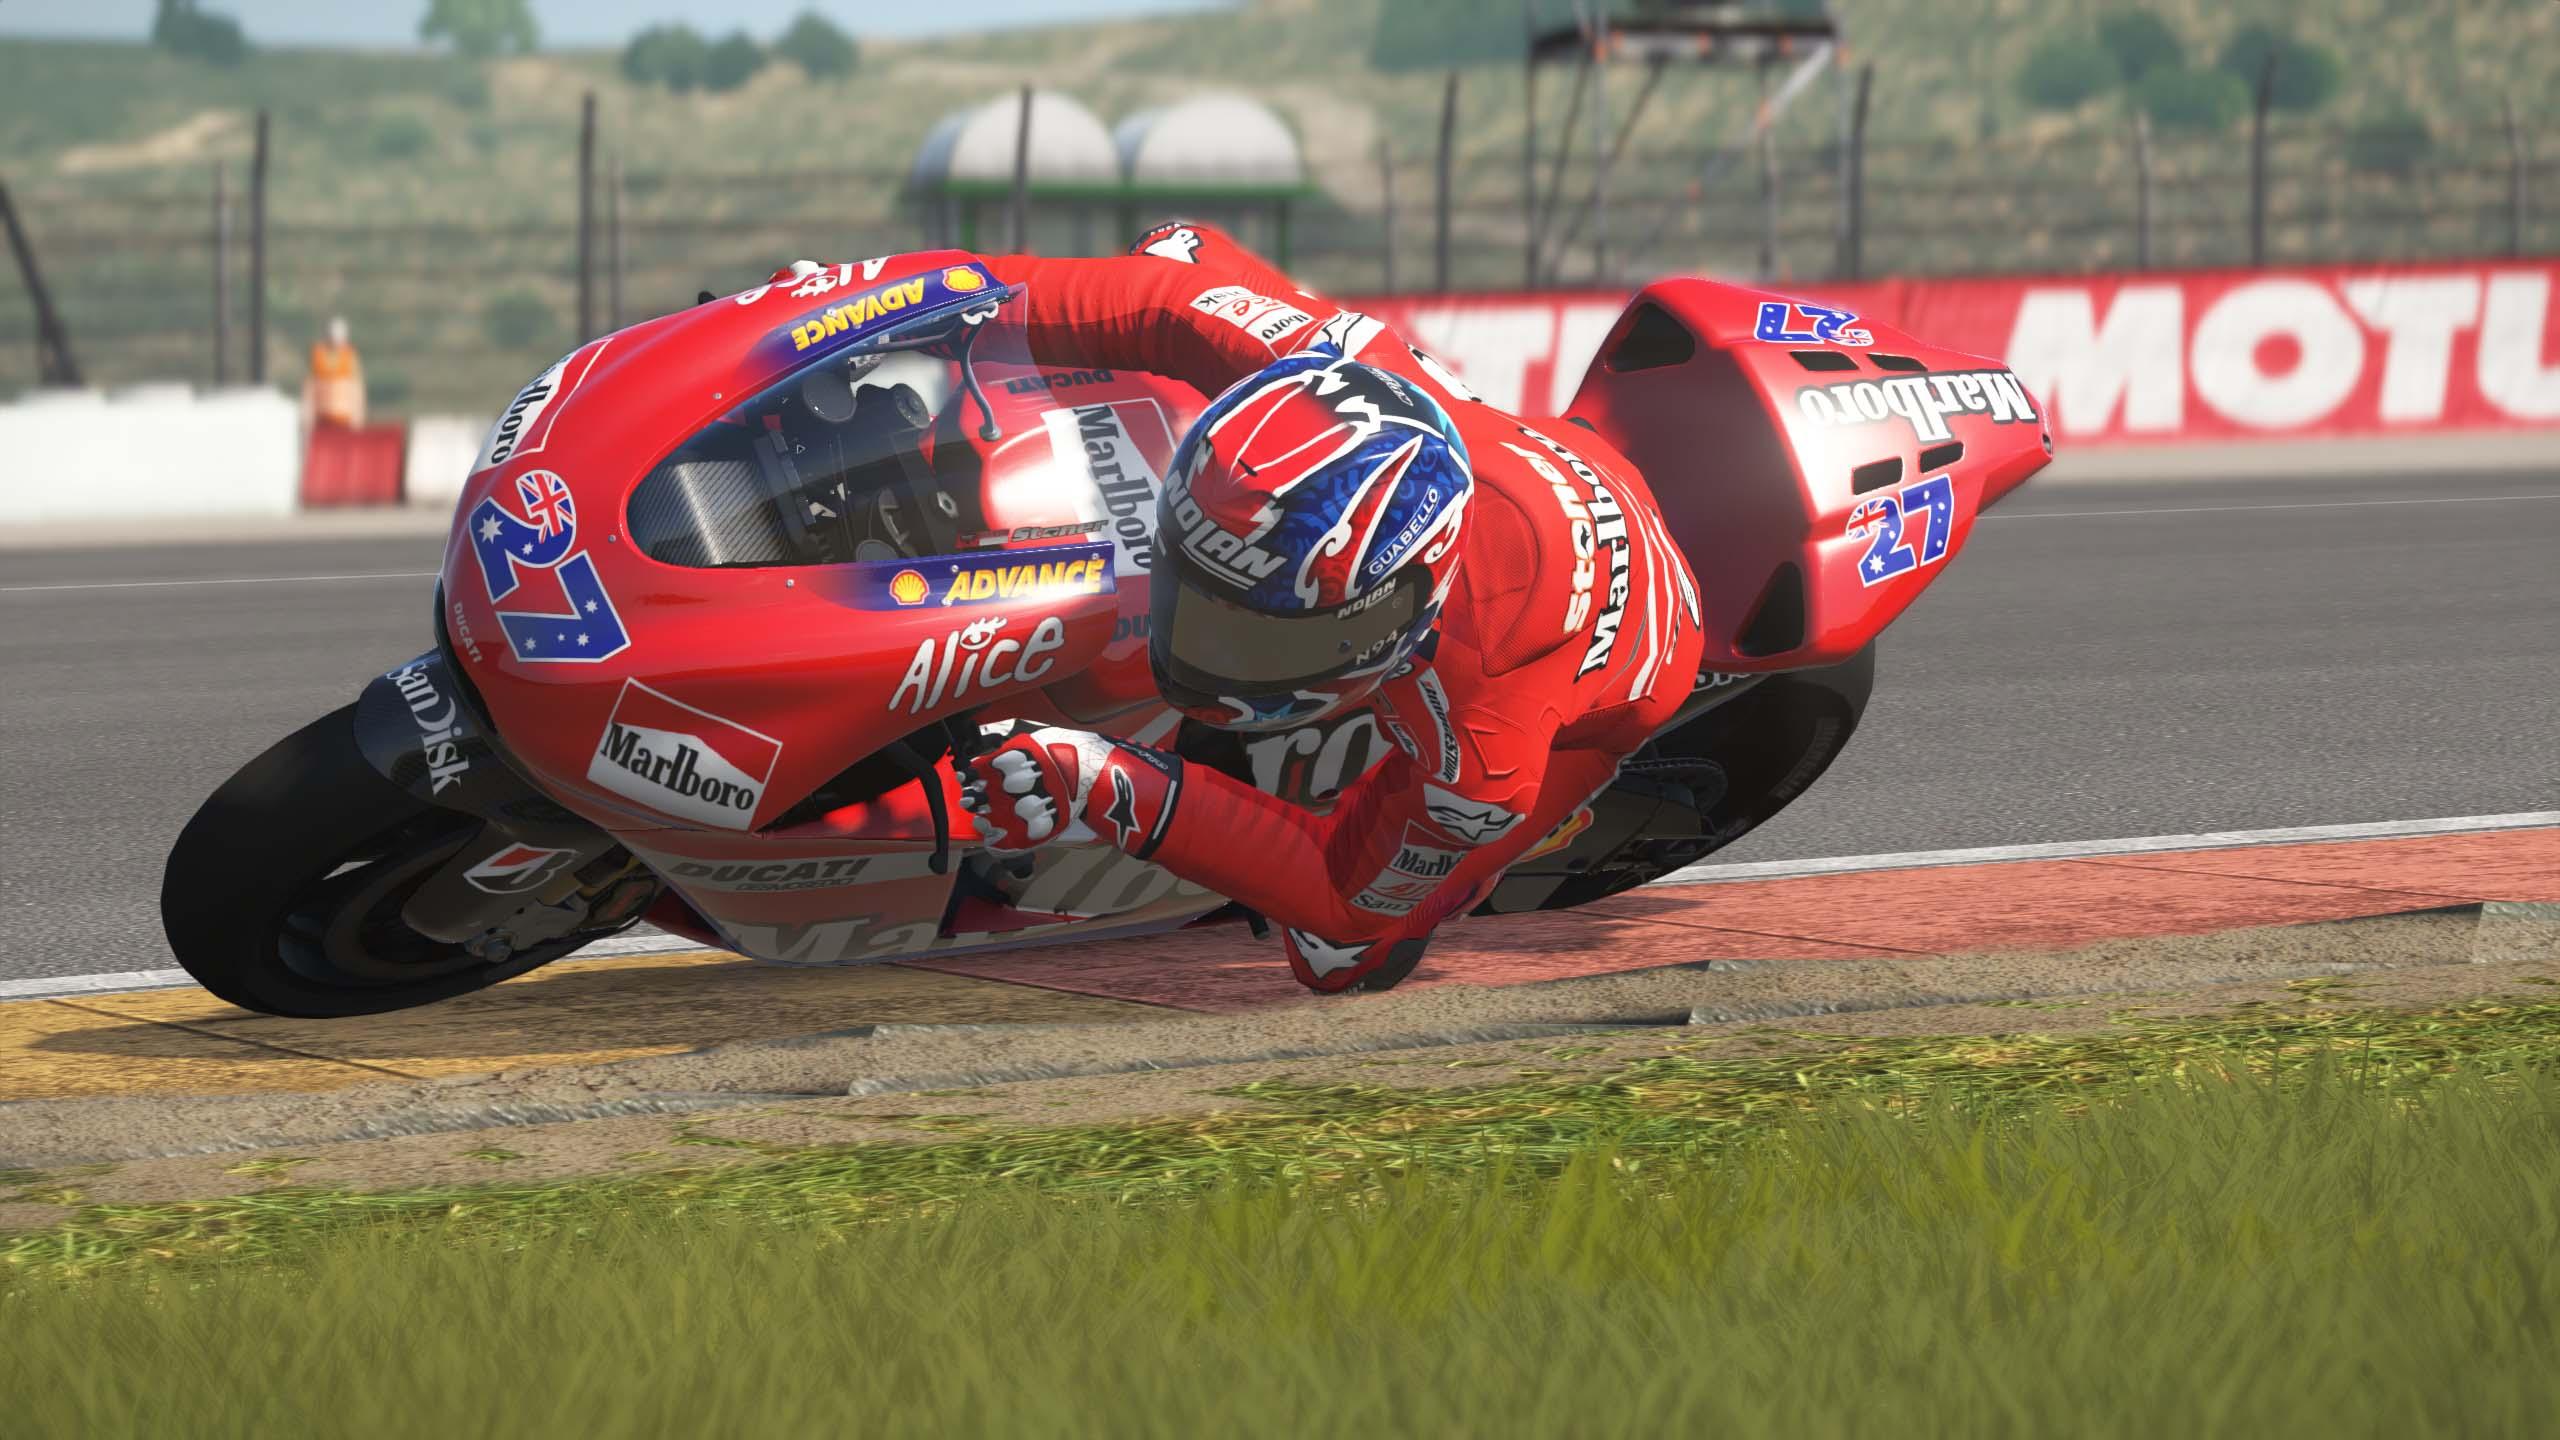 MotoGPVR46X64 2016-09-16 00-43-42-59.jpg